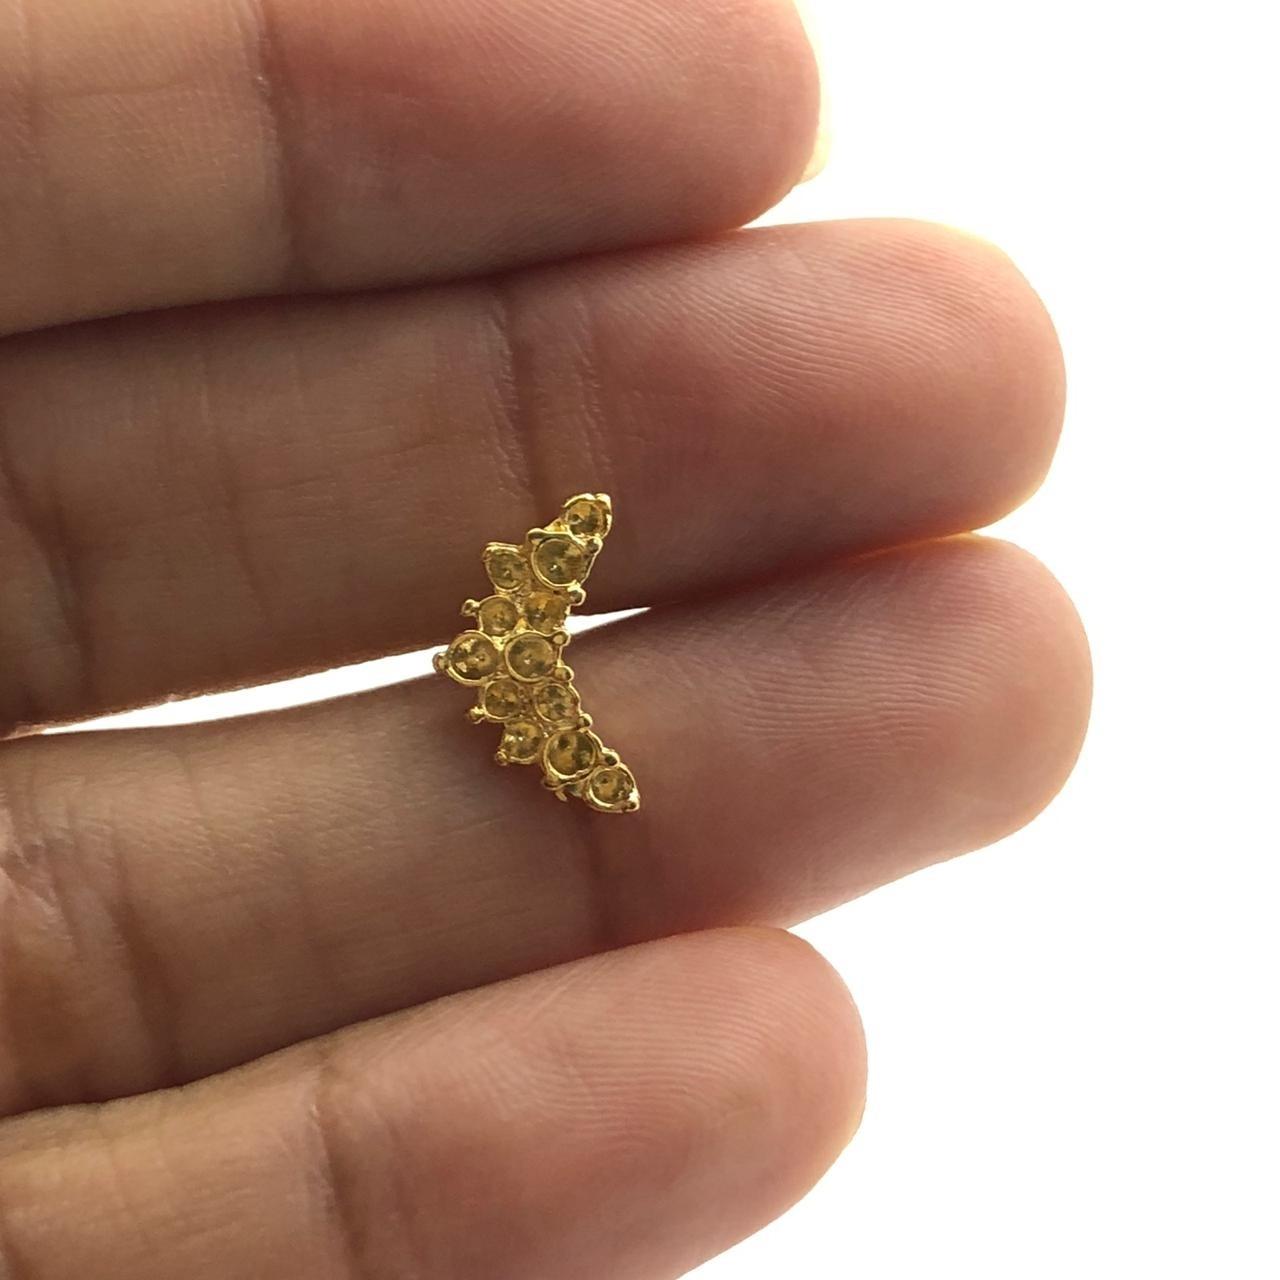 BP1354 - Base de Brinco Folheado Ouro - 01Par